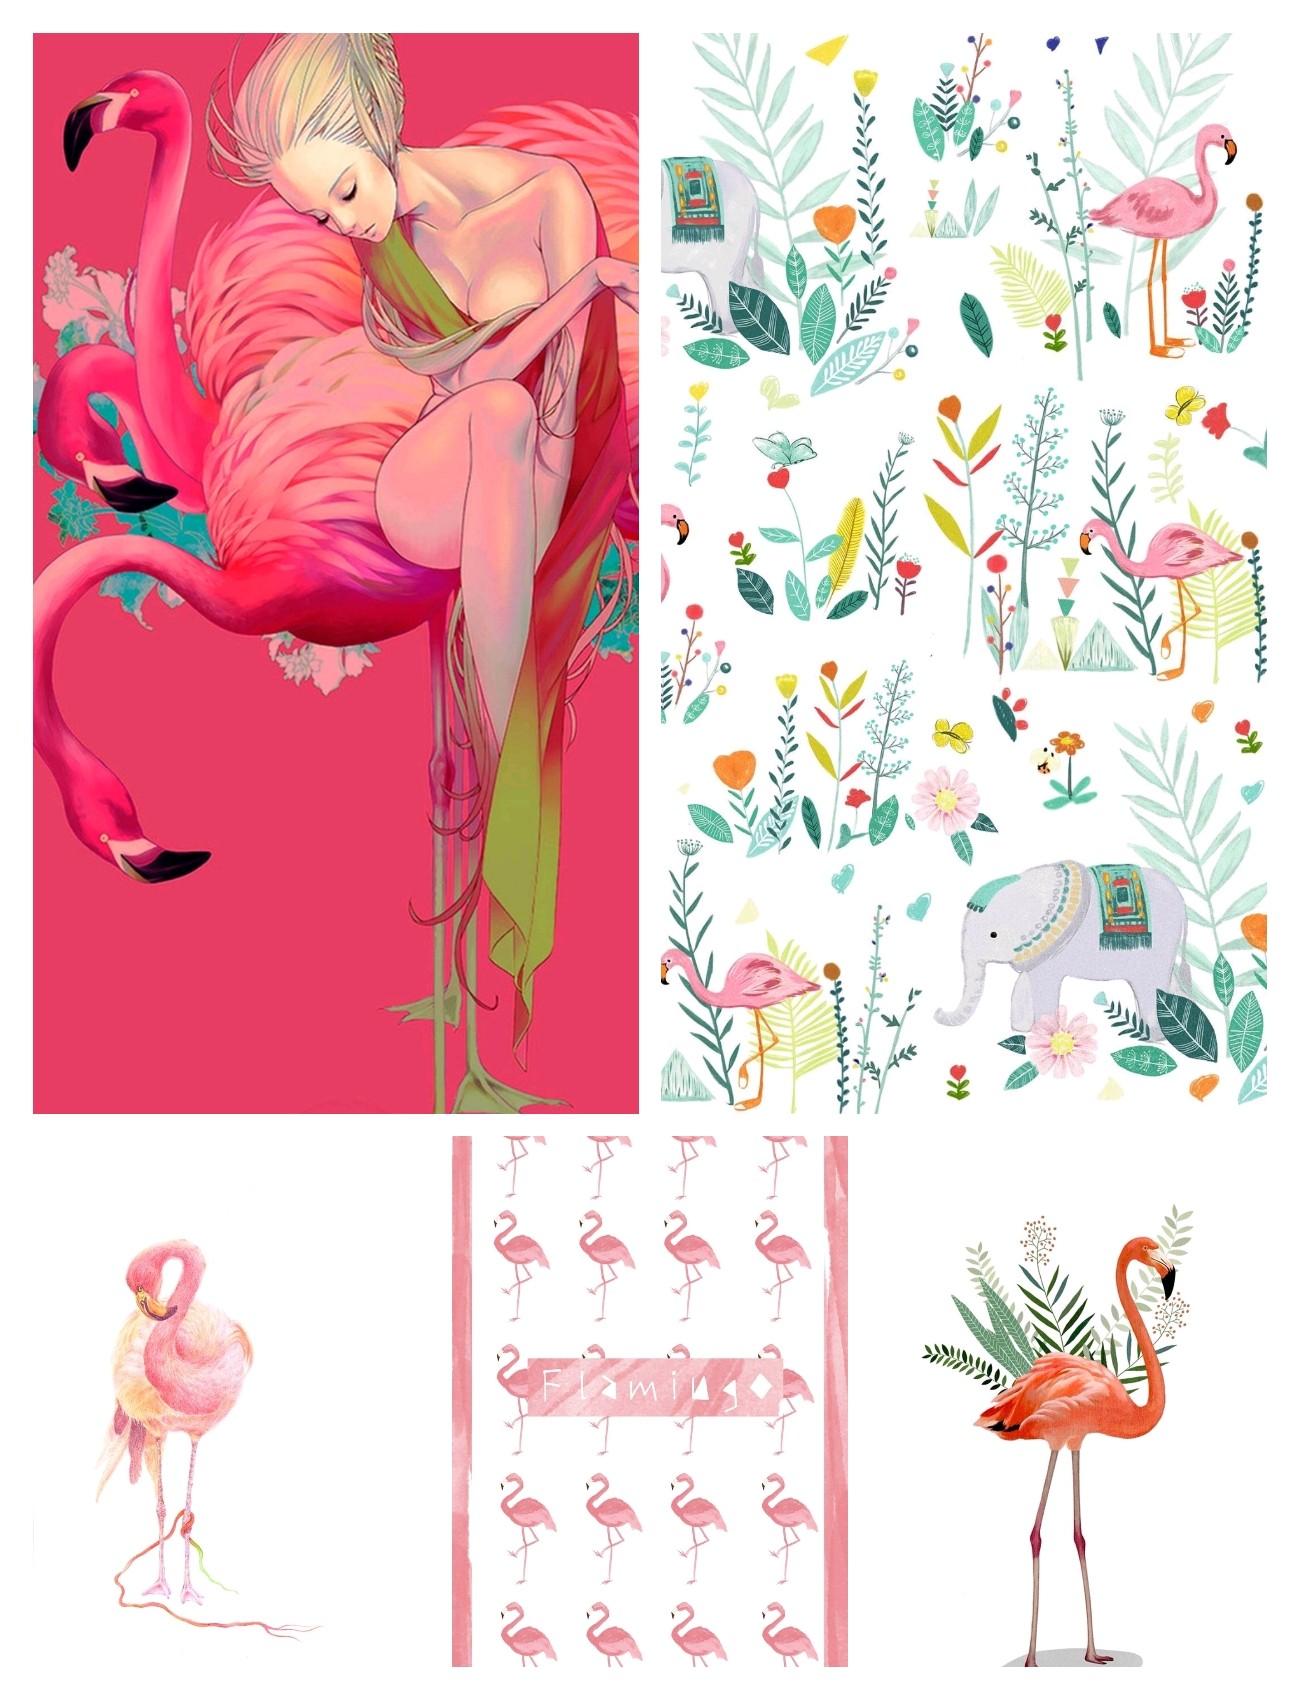 《v粉主题素材壁纸》手绘火烈鸟插画-第4页-手机主题